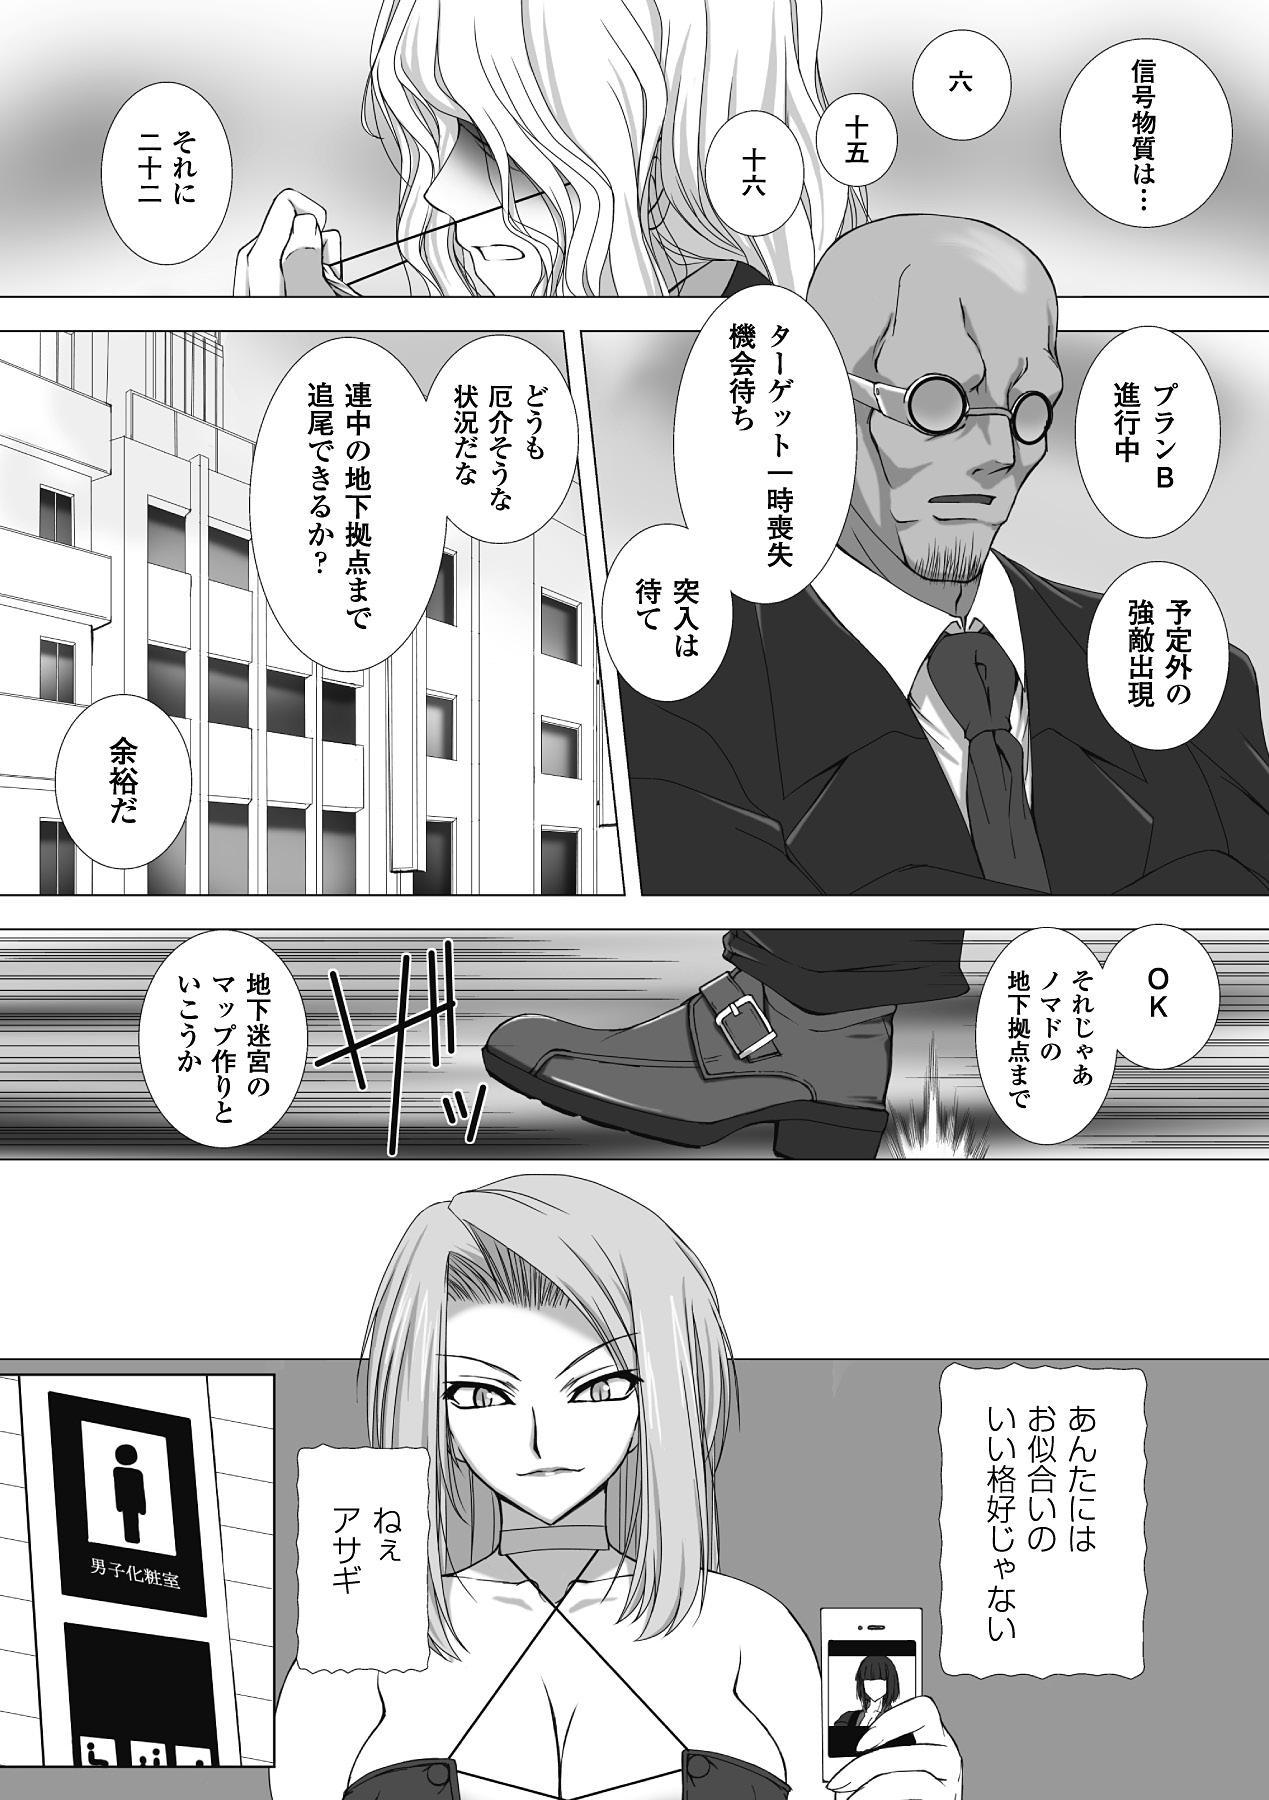 Taimanin Asagi Hajigyaku no Ankokuyuugi THE COMIC 99